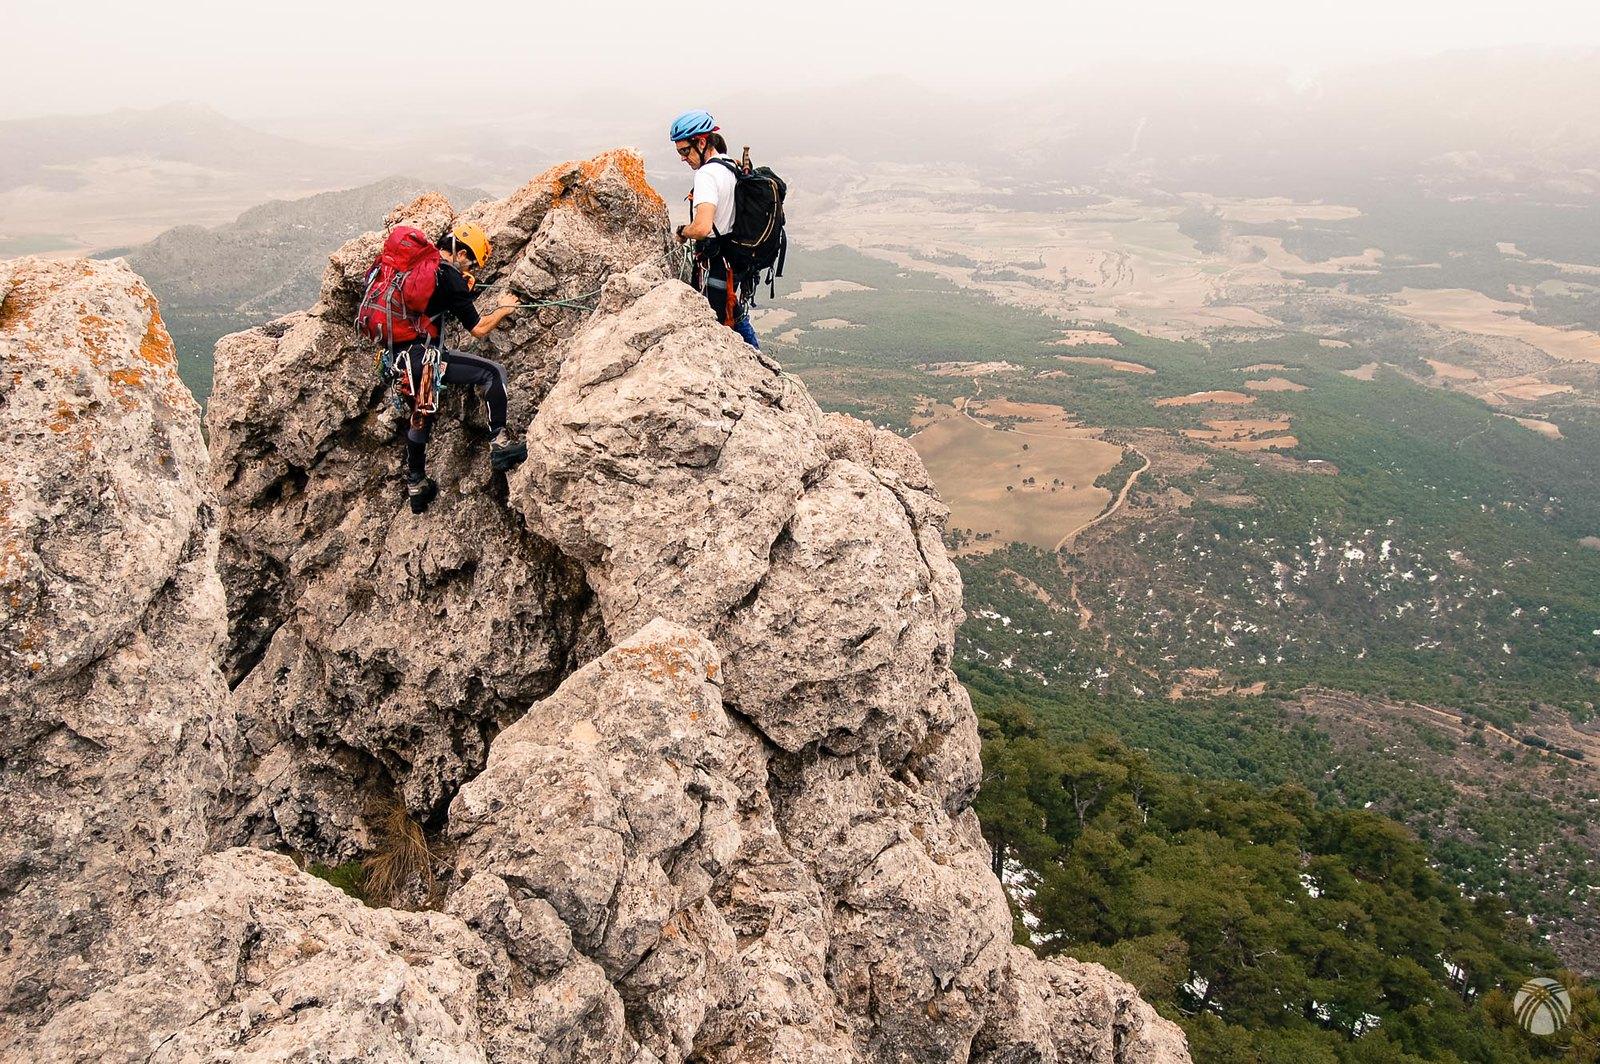 Aprovechando el torreón de roca para montar la reunión